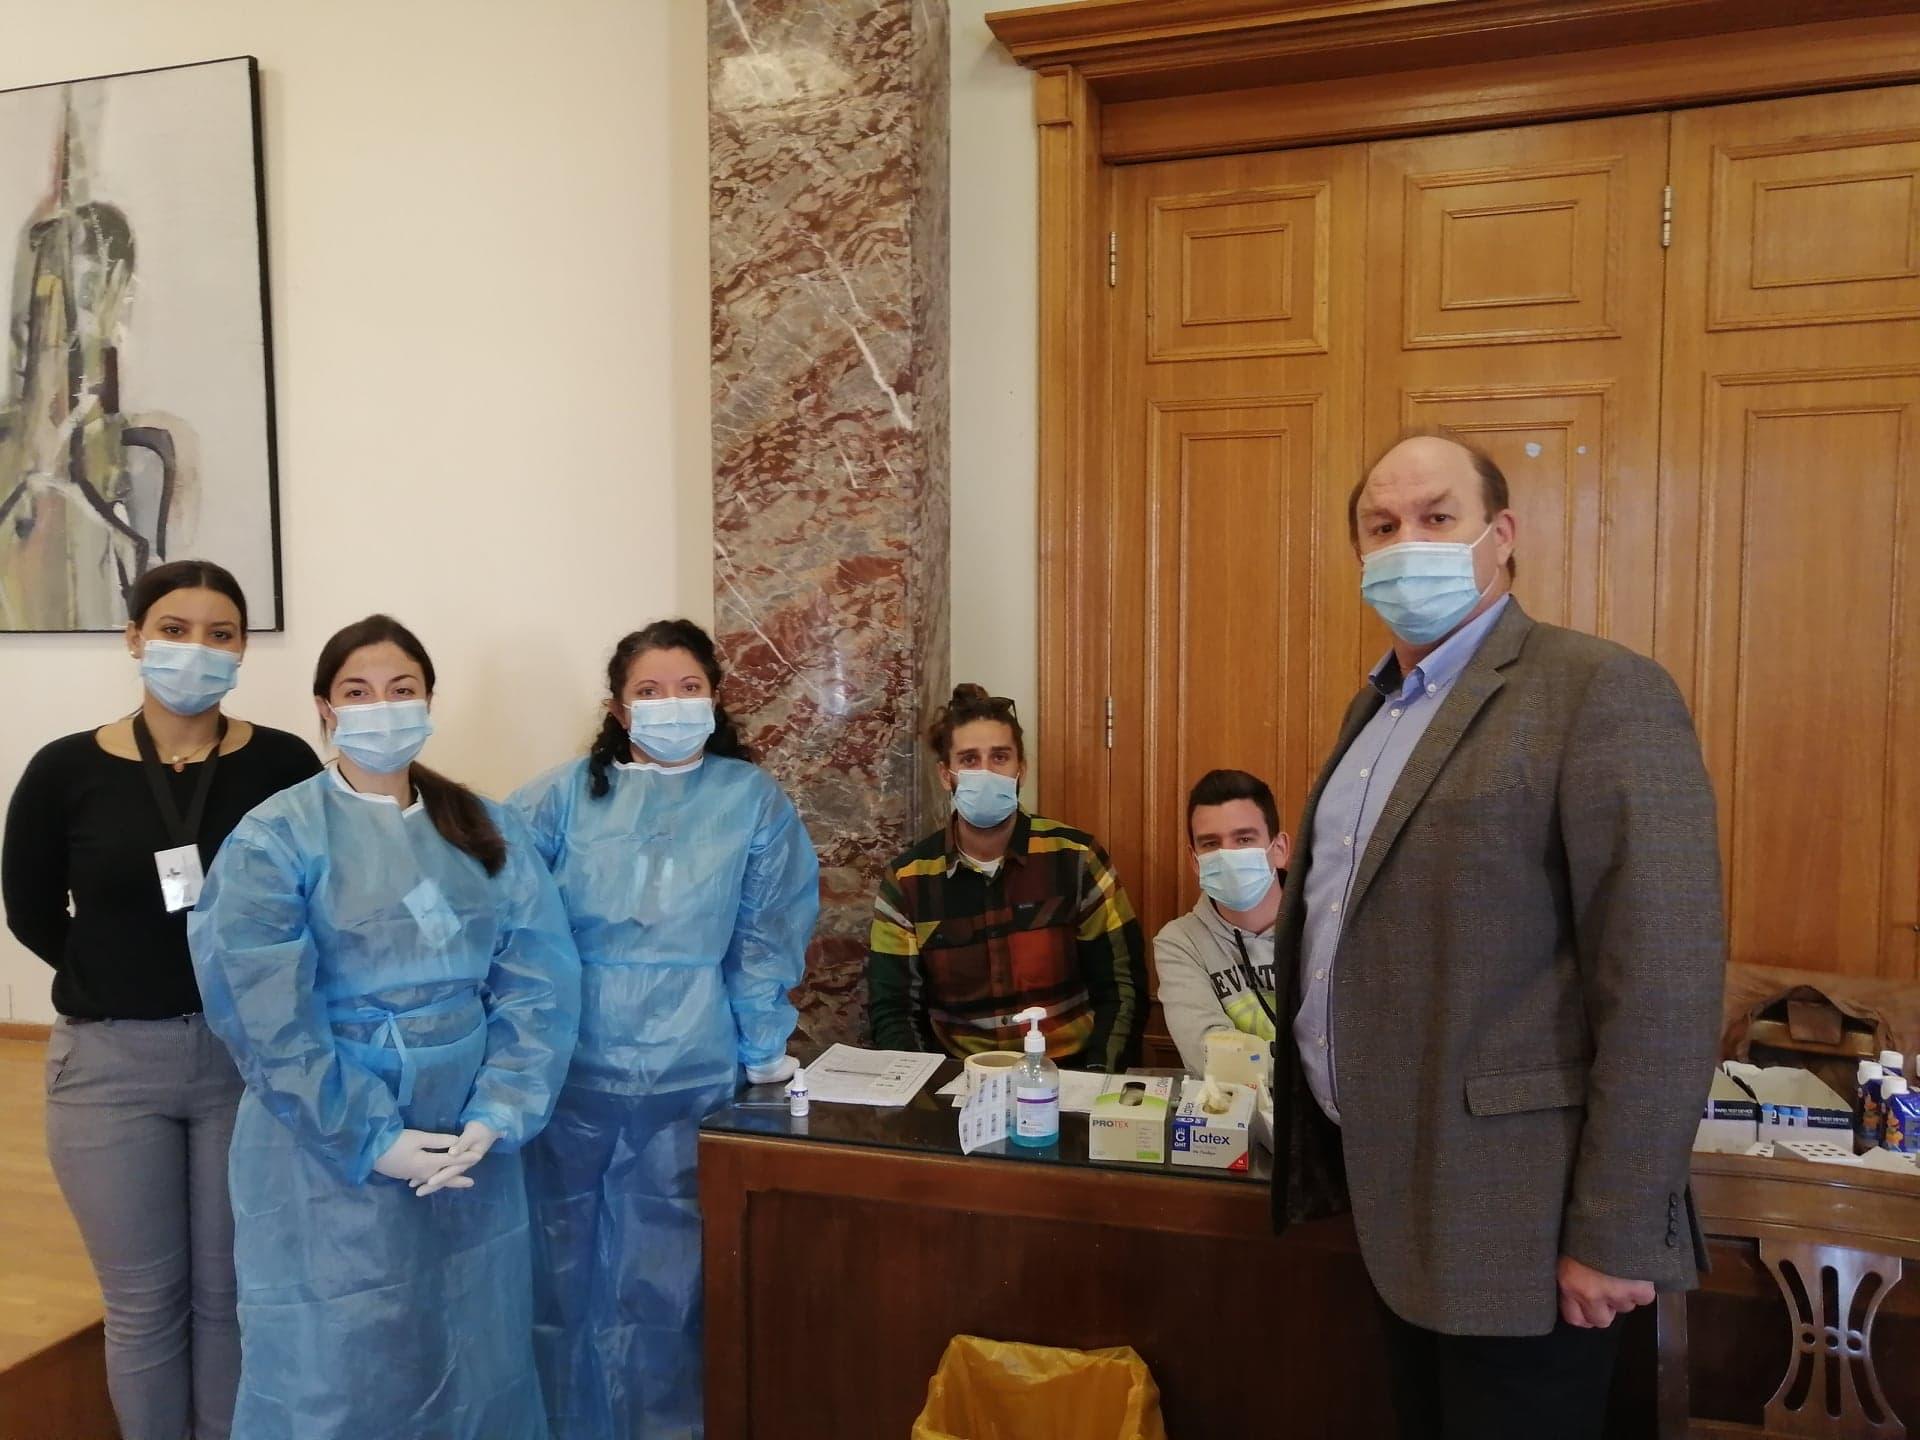 Δήμος Πύργου: Προληπτικοί έλεγχοι για κορωνοιό με Rapid tests από κλιμάκιο του ΕΟΔΥ στους υπαλλήλους του Δήμου (photos)